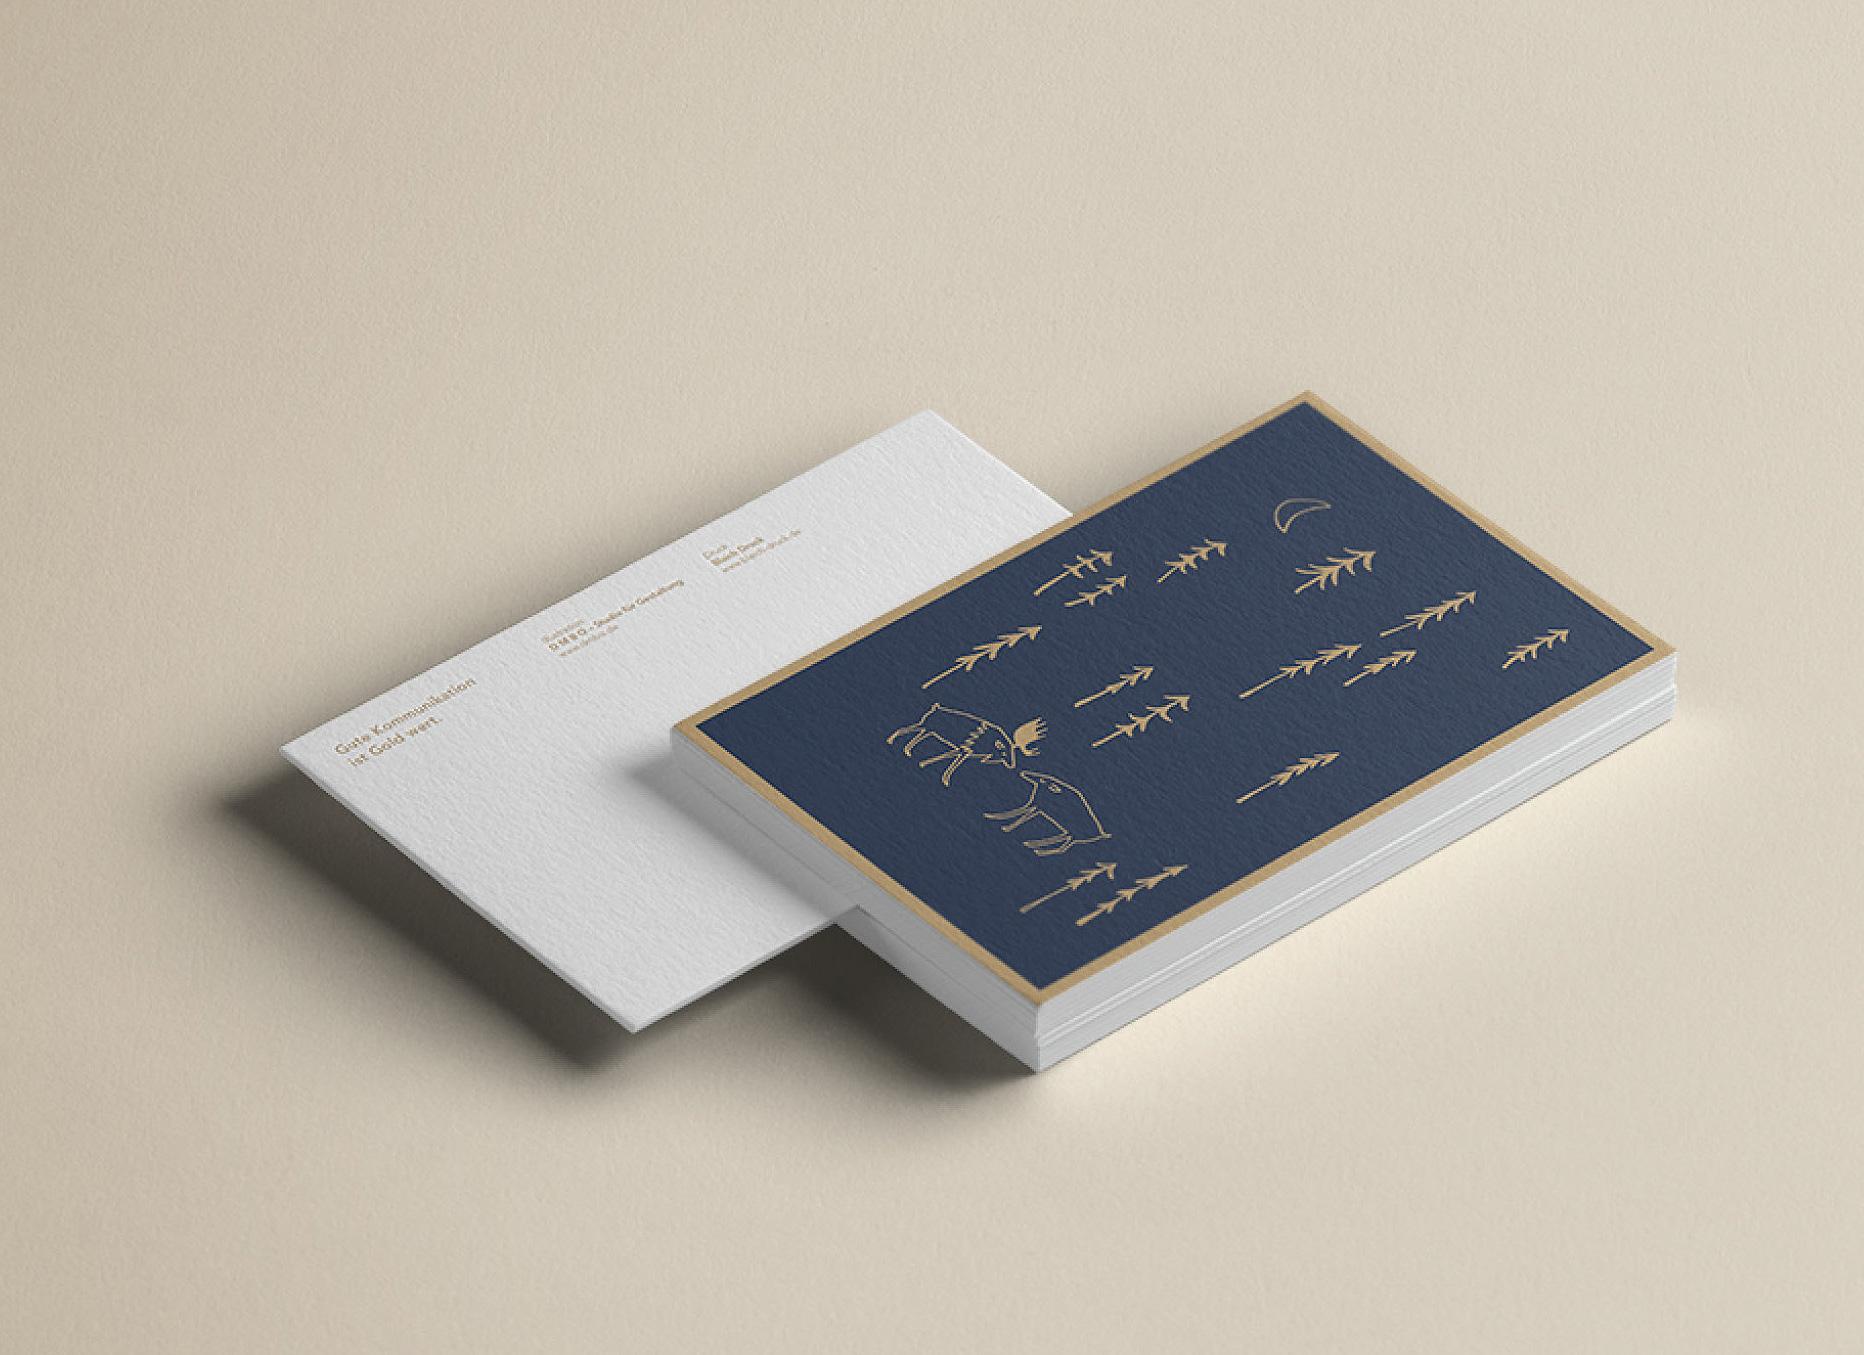 1DMBO-Studio-für-Gestaltung-frohe-Weihnachten-postkarten-Weihnachtspost